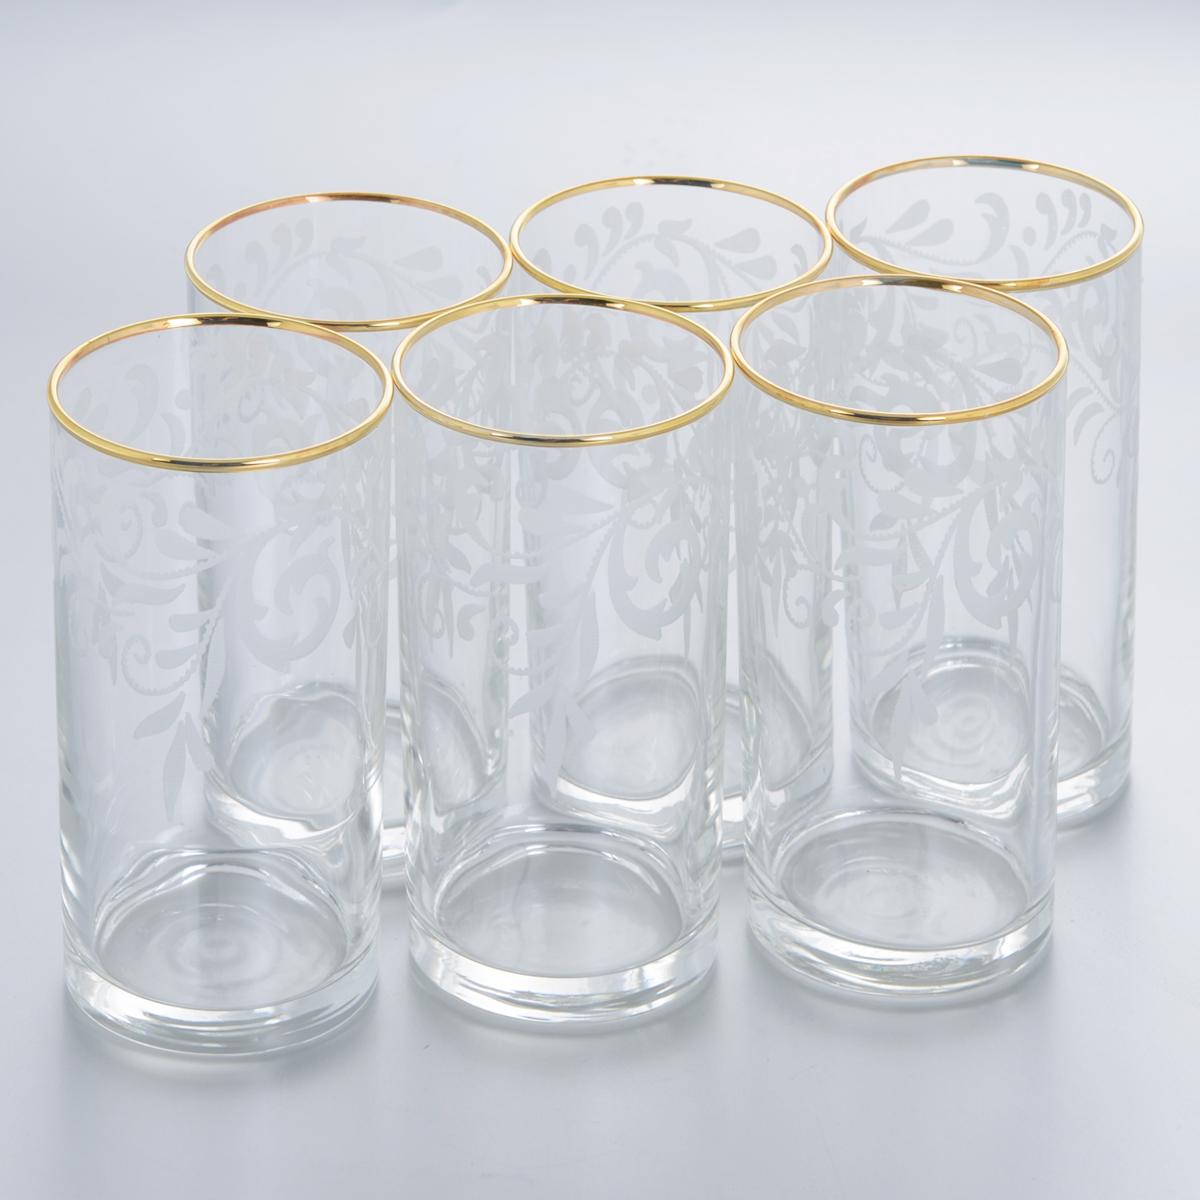 Набор стаканов для сока Гусь-Хрустальный Веточка, 290 мл, 6 штVT-1520(SR)Набор Гусь-Хрустальный Веточка состоит из 6 высоких стаканов, изготовленных из высококачественного натрий-кальций-силикатного стекла. Изделия оформлены красивым зеркальным покрытием и белым матовым орнаментом. Стаканы предназначены для подачи сока, а также воды и коктейлей. Такой набор прекрасно дополнит праздничный стол и станет желанным подарком в любом доме. Разрешается мыть в посудомоечной машине. Диаметр стакана (по верхнему краю): 6 см. Высота стакана: 13,5 см.Уважаемые клиенты! Обращаем ваше внимание на незначительные изменения в дизайне товара, допускаемые производителем. Поставка осуществляется в зависимости от наличия на складе.